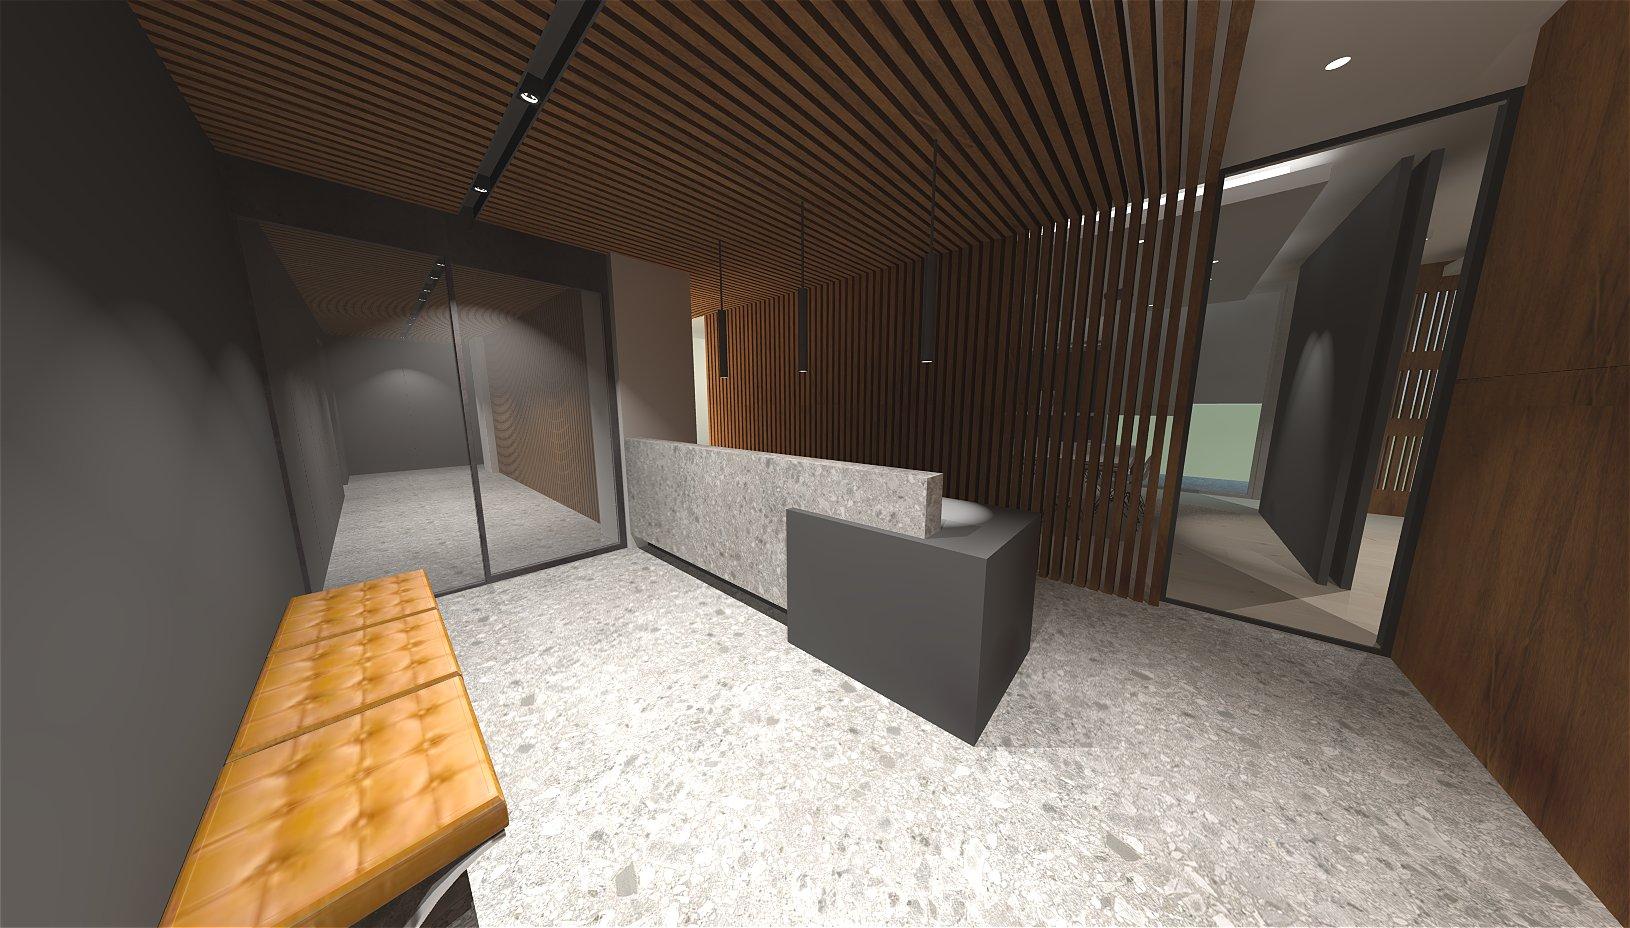 Galerie Bureau Valencienne De Théo Vynckier   Professionnel De Lu0027aménagement  Du0027espaces : Espaces à Vivre, Architecture Commerciale, Boutiques /  Magasins, ...